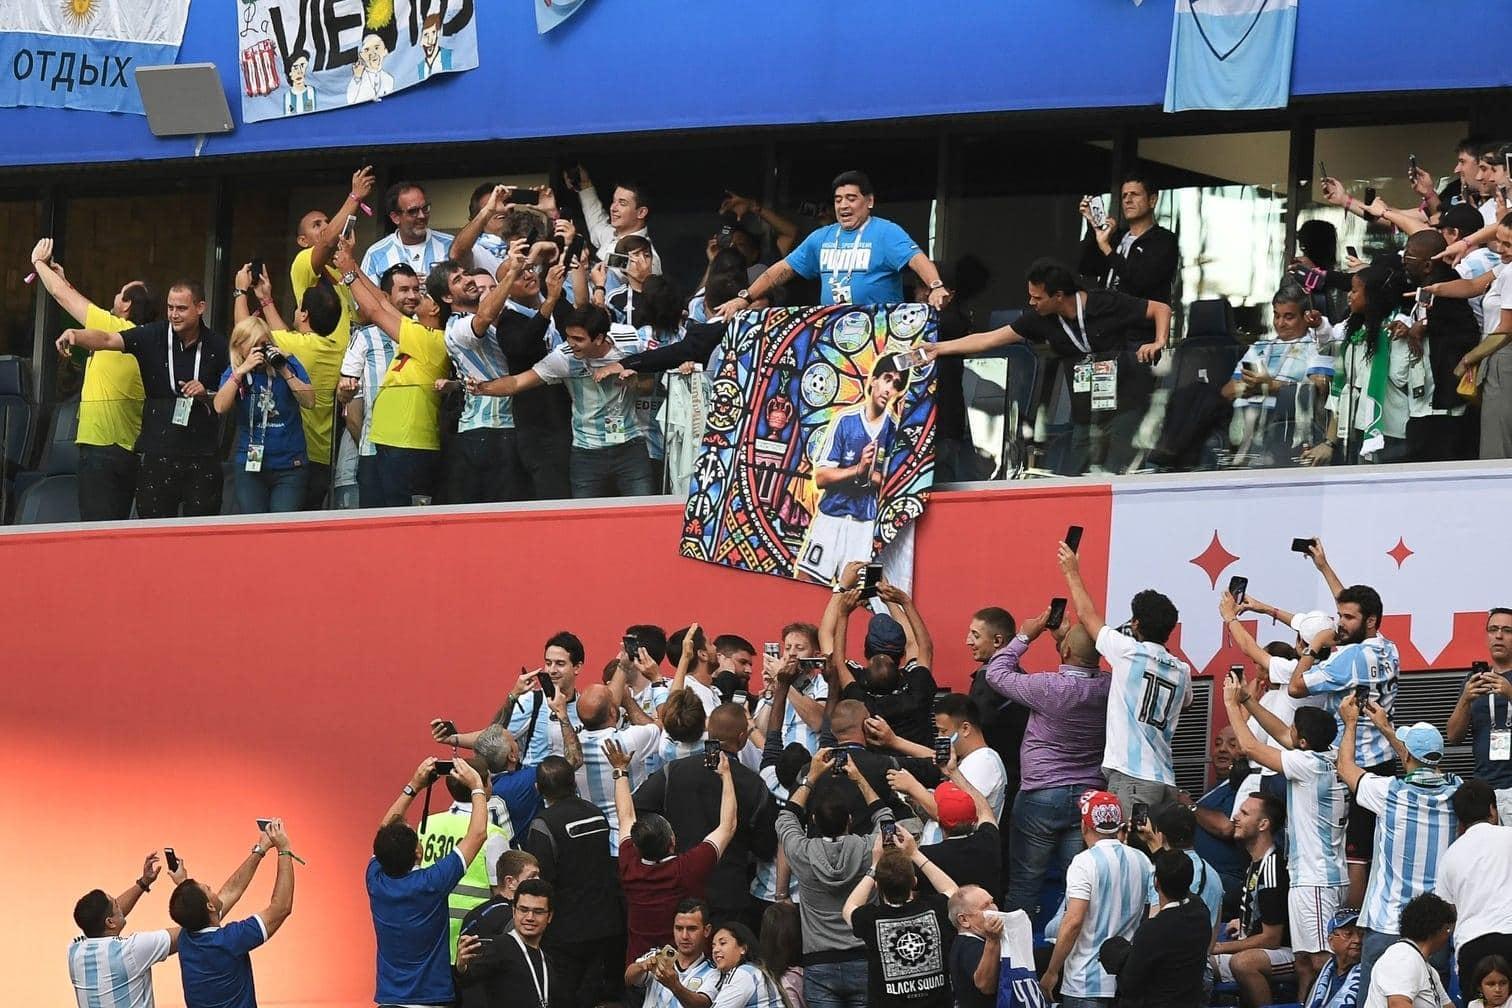 <p>Die Fans lieben ihn.</p> Foto: AFP